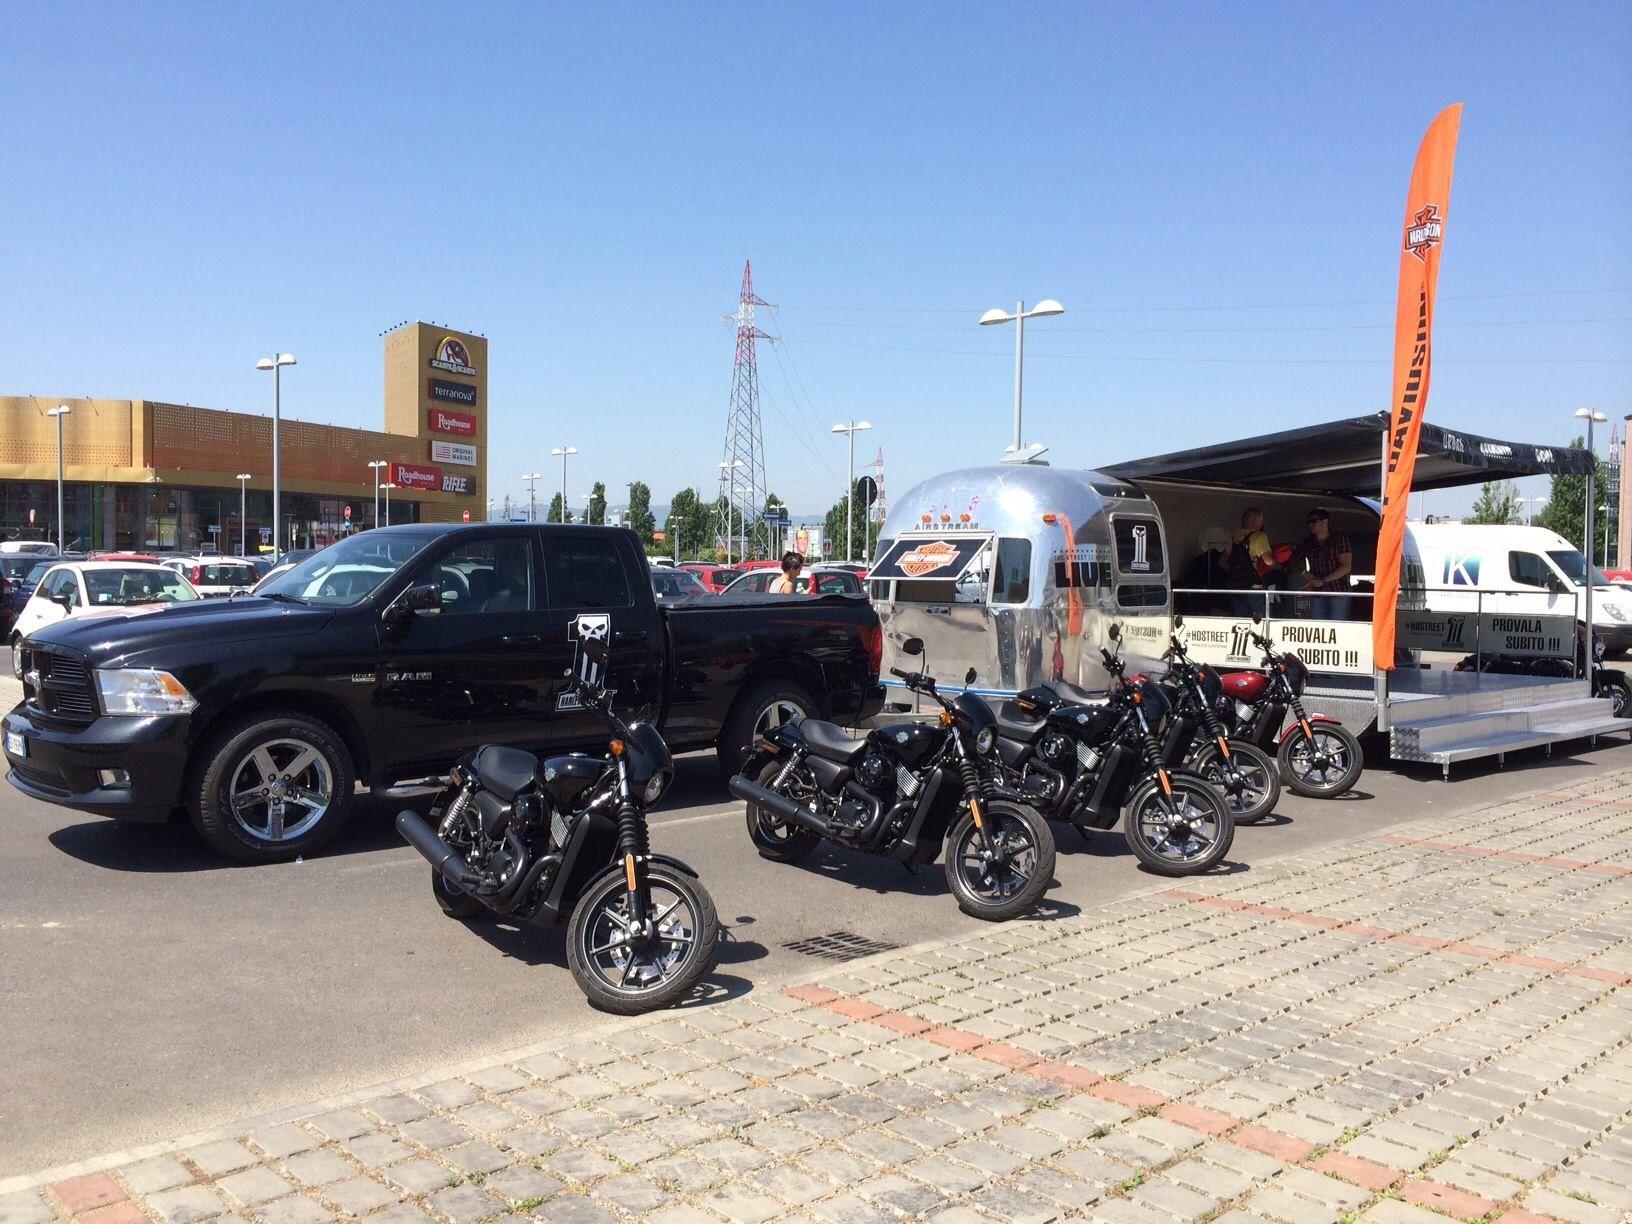 #HarleyDavidson #HDStreet750 on Tour